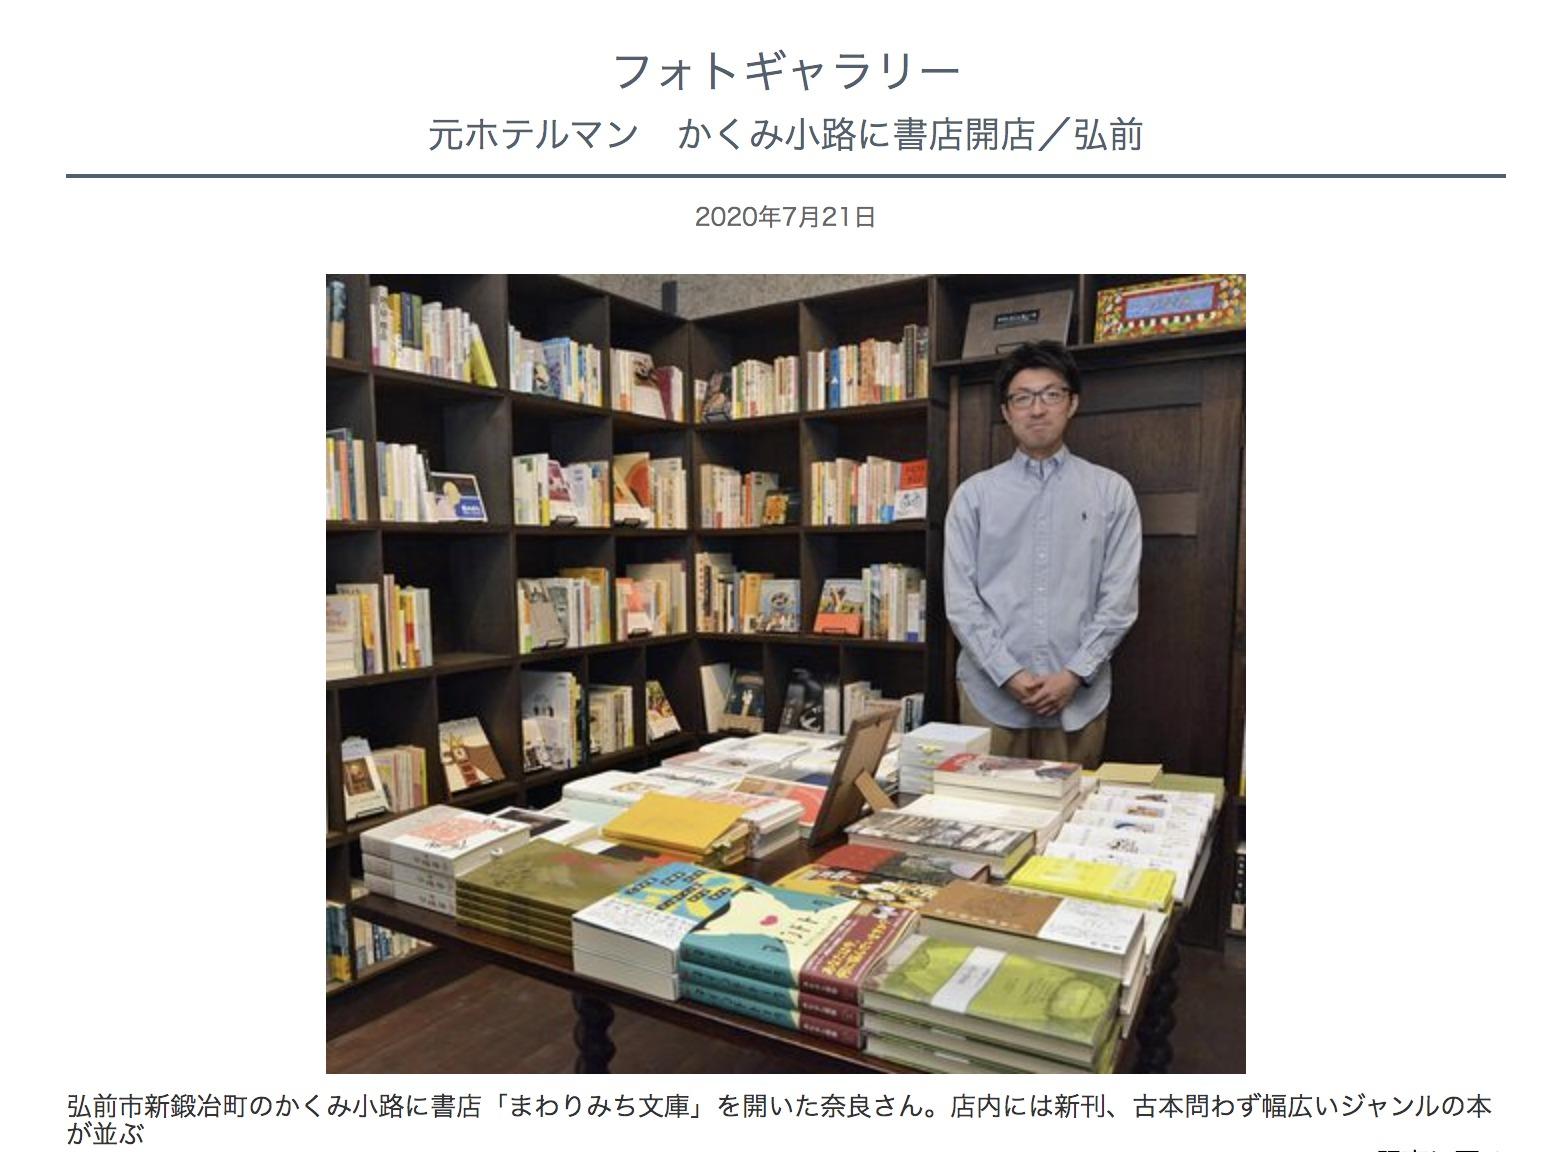 奈良美智さんの甥っ子さんの画像